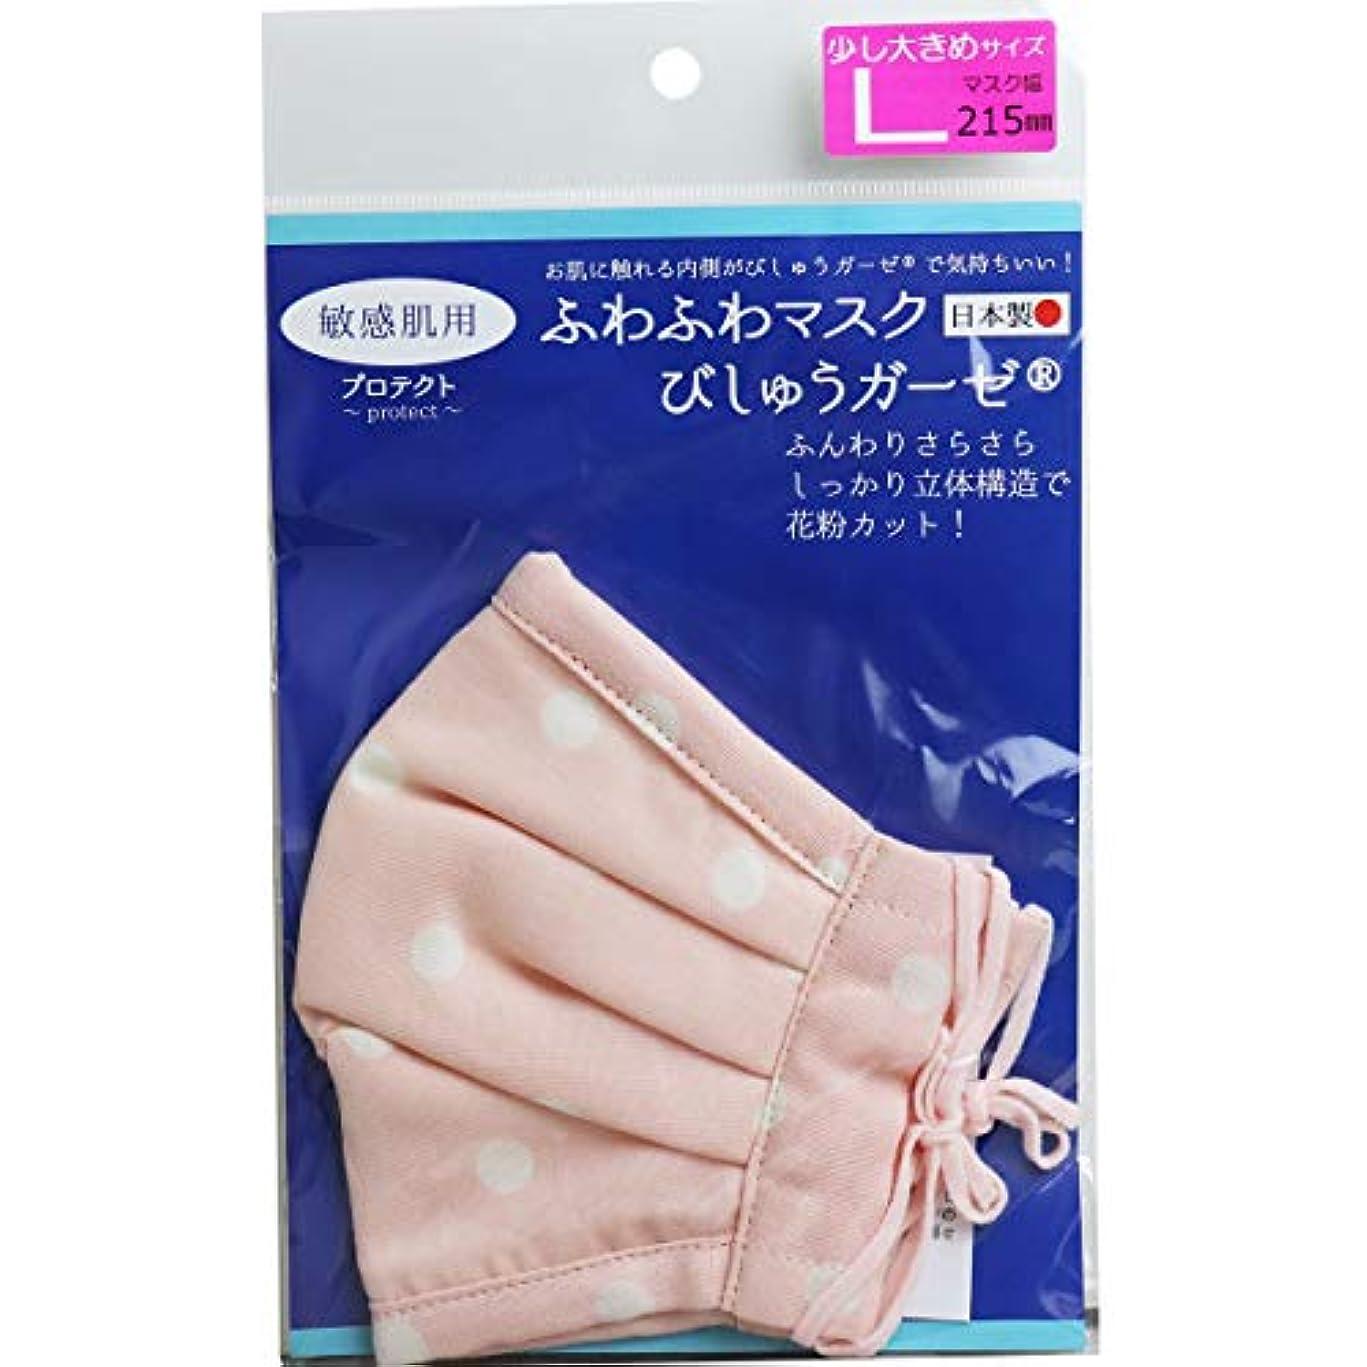 不適切なファウルデクリメントふわふわマスク びしゅうガーゼ 敏感肌用 ピンクドット 少し大きめサイズ 1枚入×2個セット